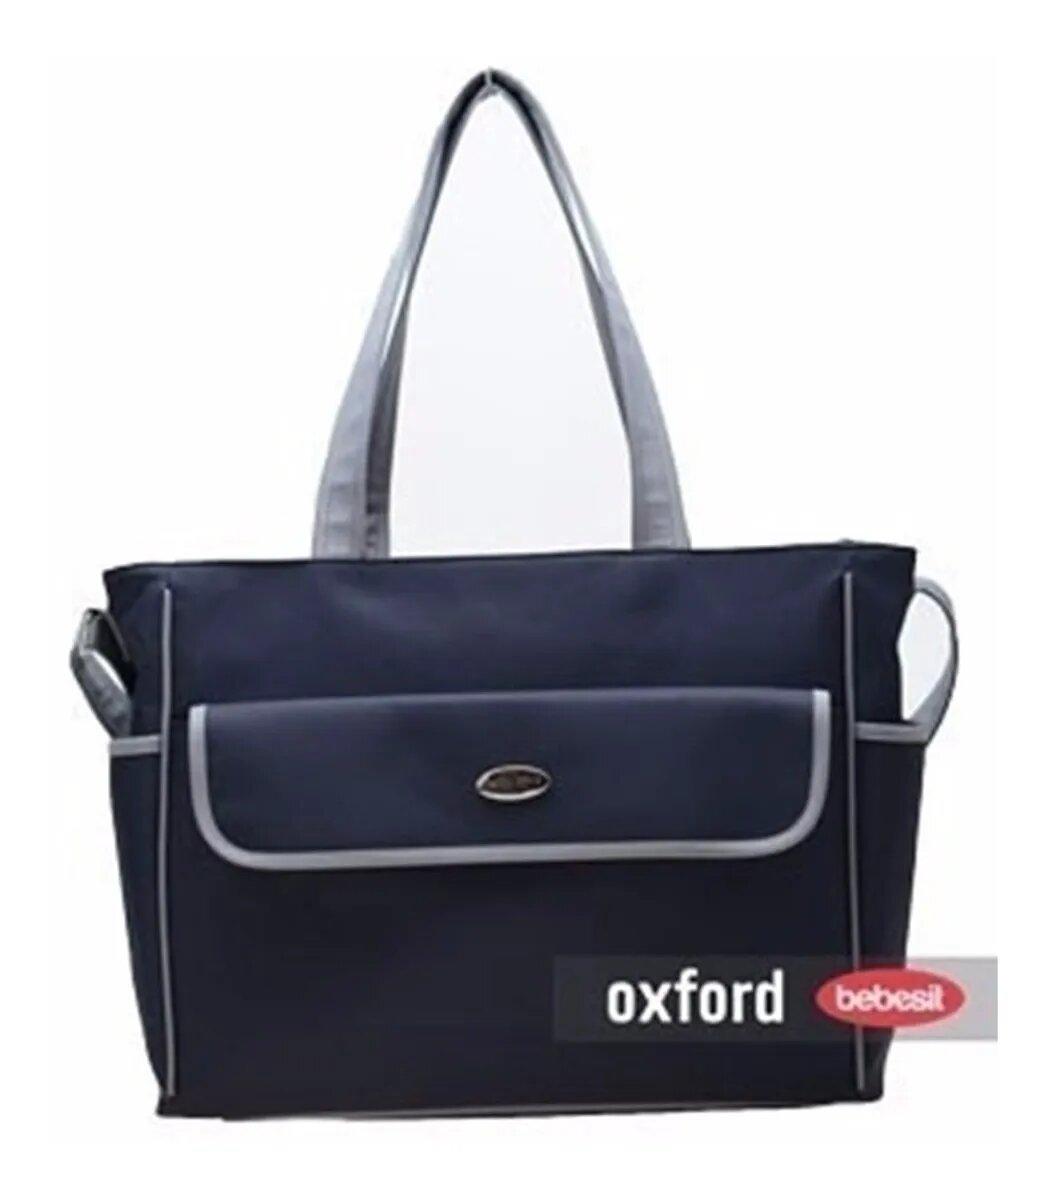 Bebesit Bolso Maternal Oxford